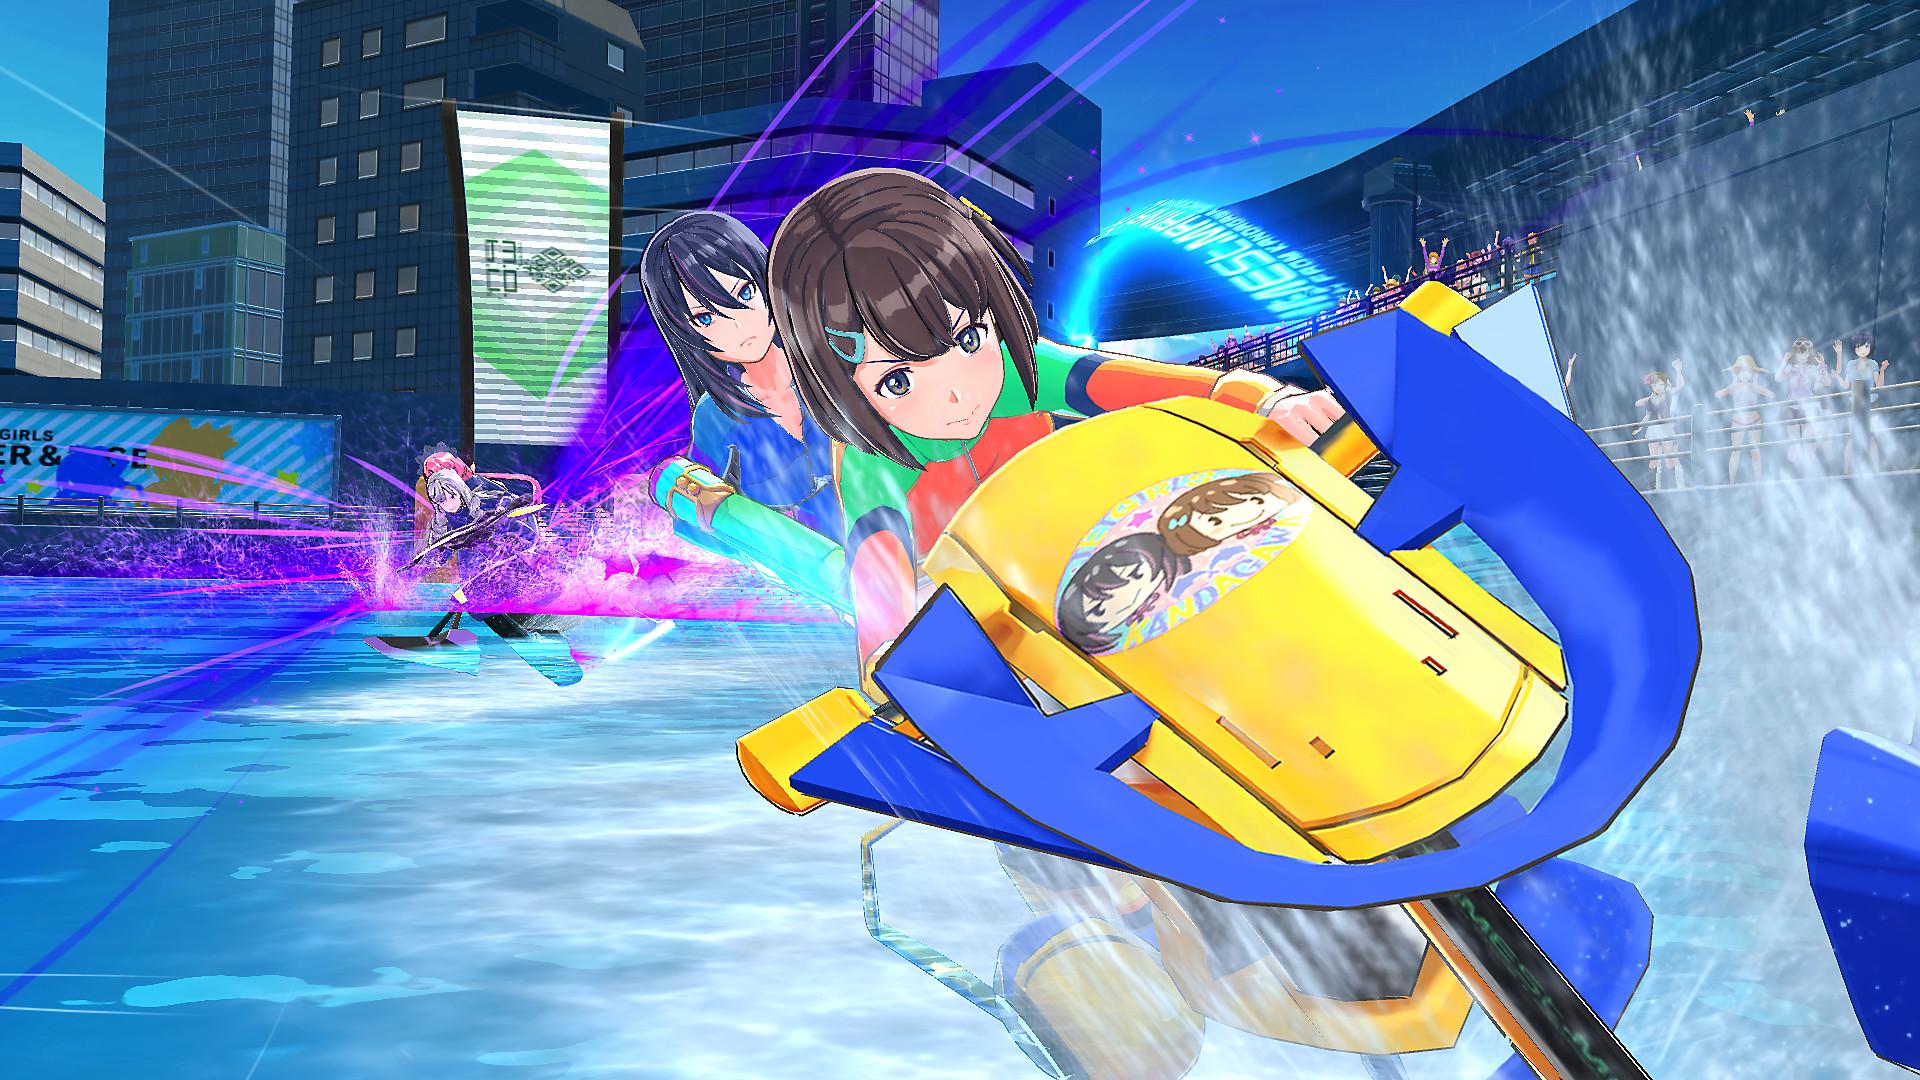 Download Kandagawa Jet Girls-GOLDBERG In PC [ 2k20 ]